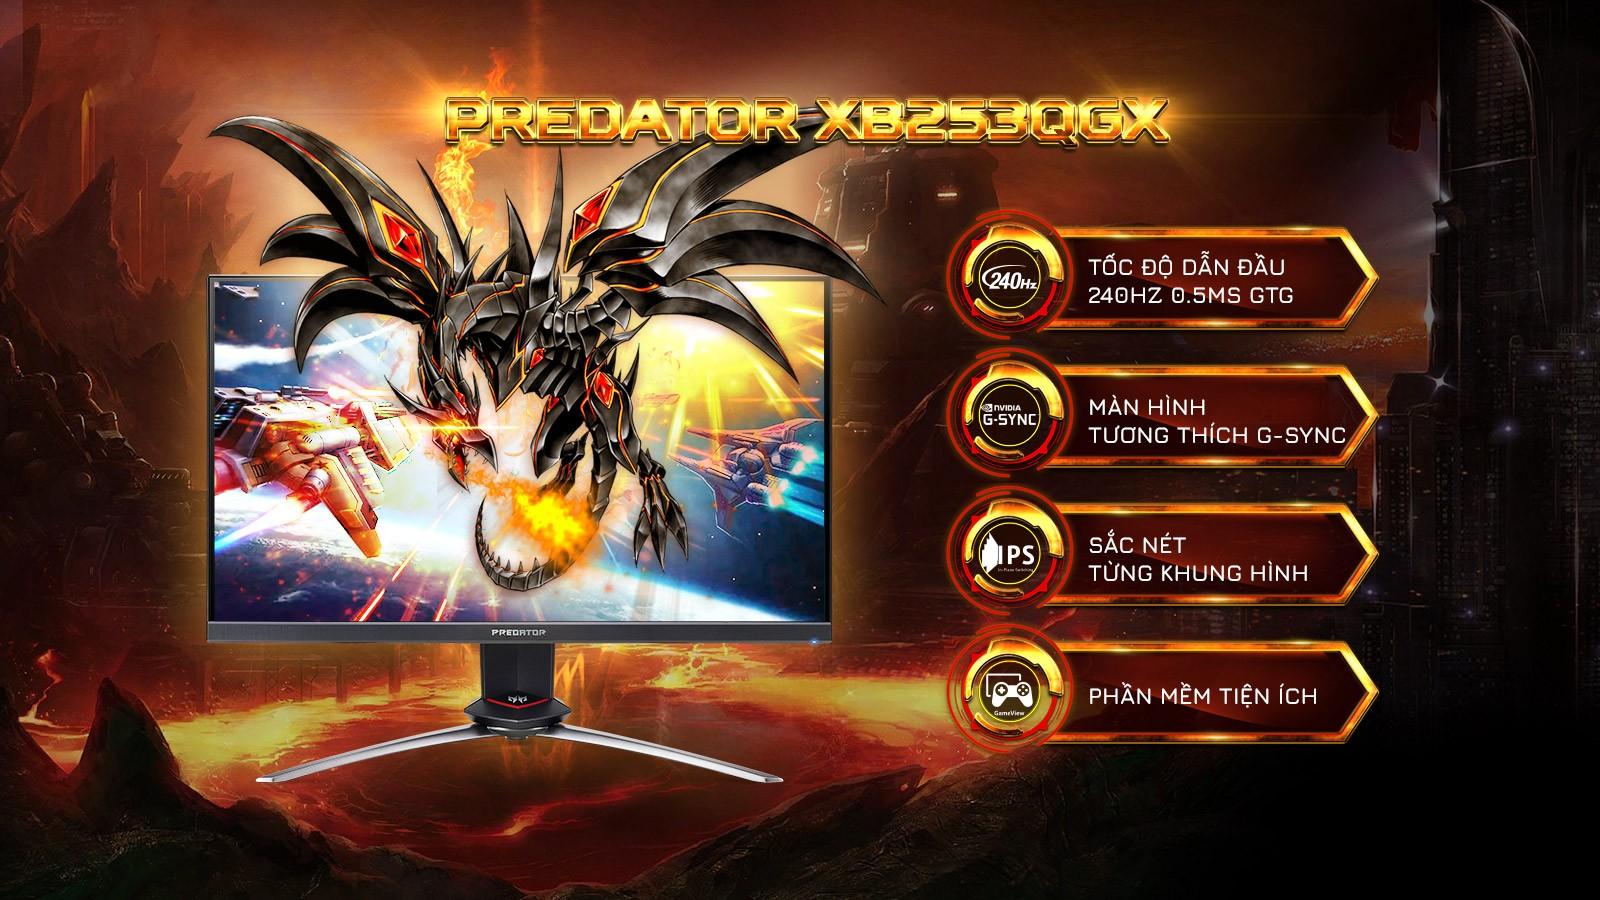 Màn hình Acer Predator XB253QGX